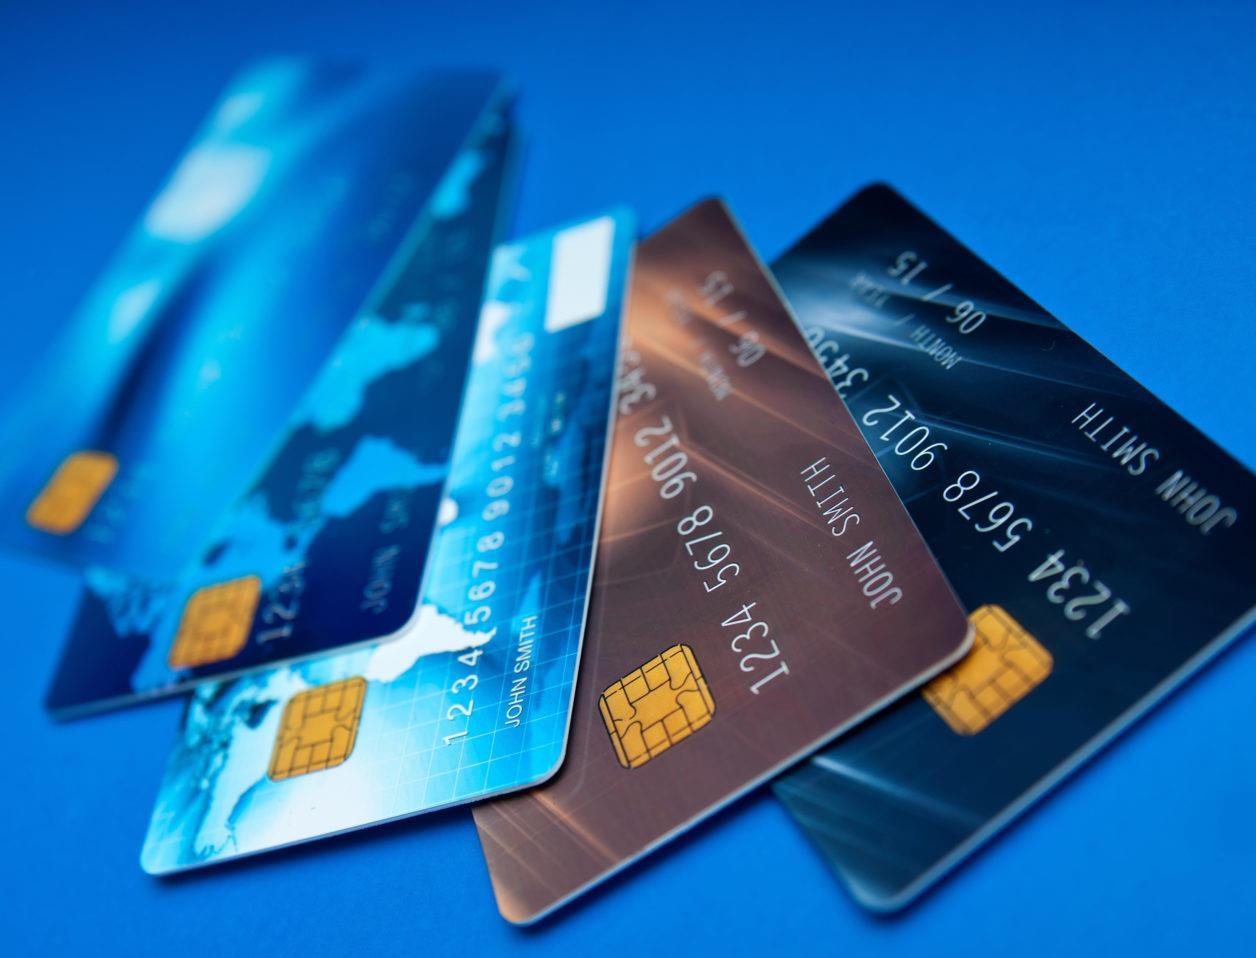 как узнать застрахована ли кредитная карта сбербанка